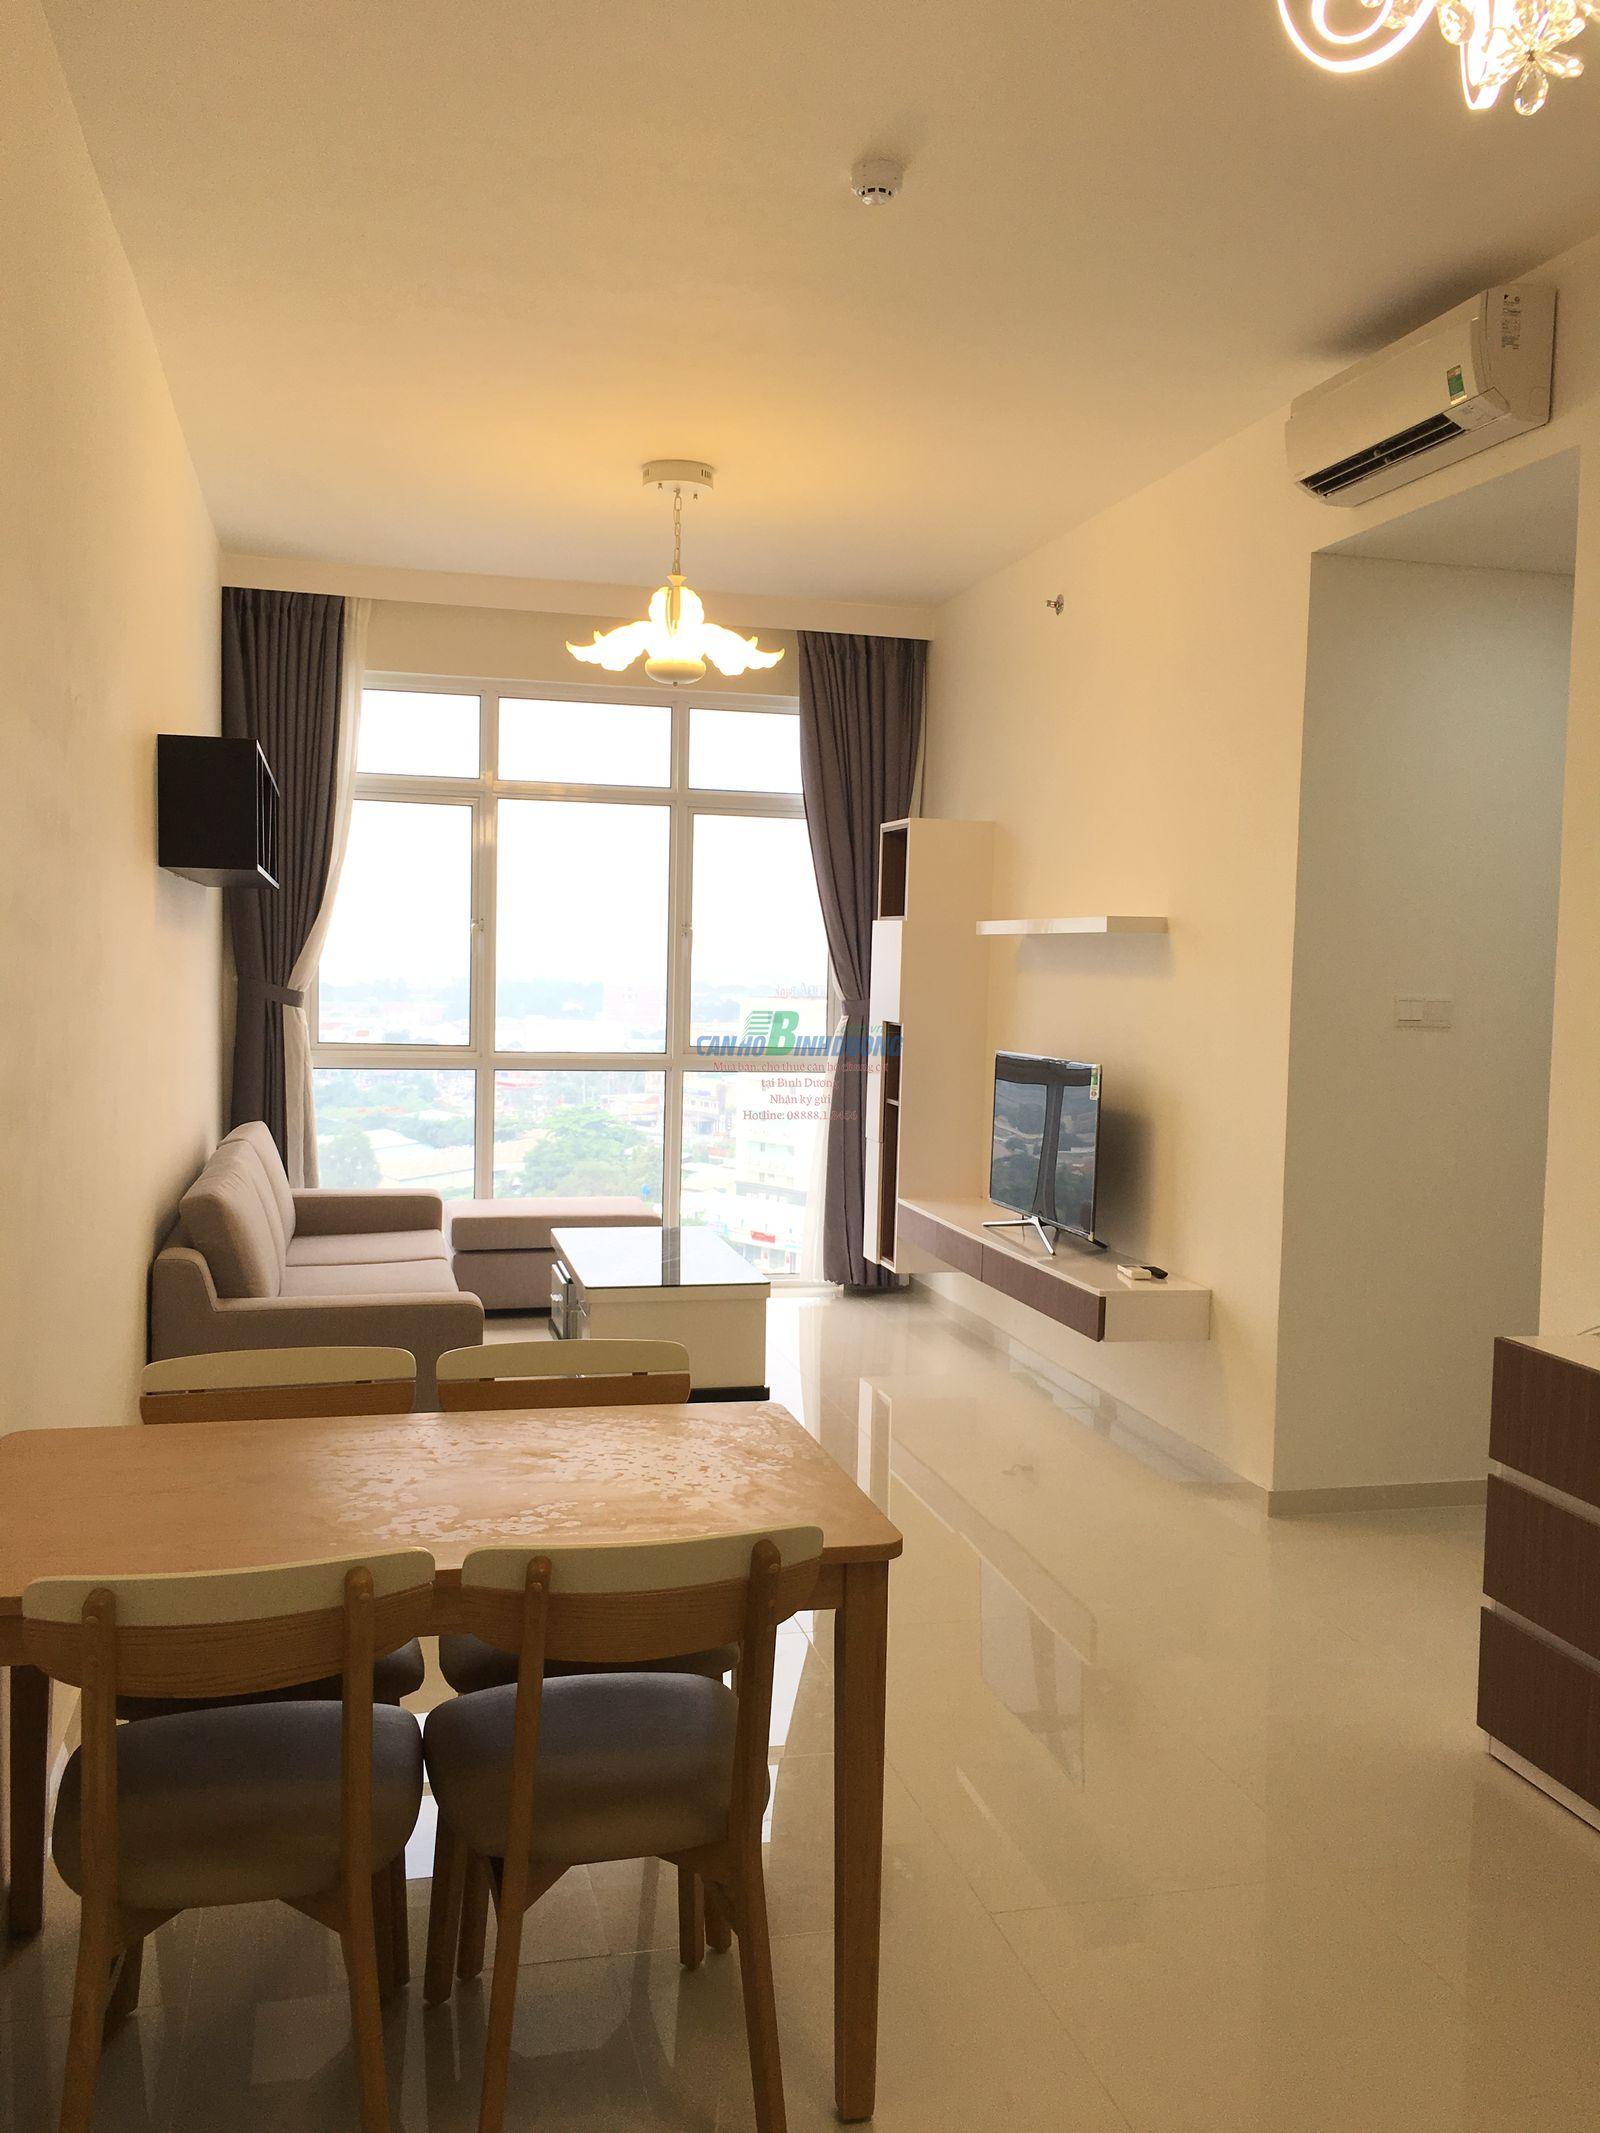 Bán căn hộ Habitat Bình Dương Block A Tầng 15, 2 phòng ngủ full nội thất